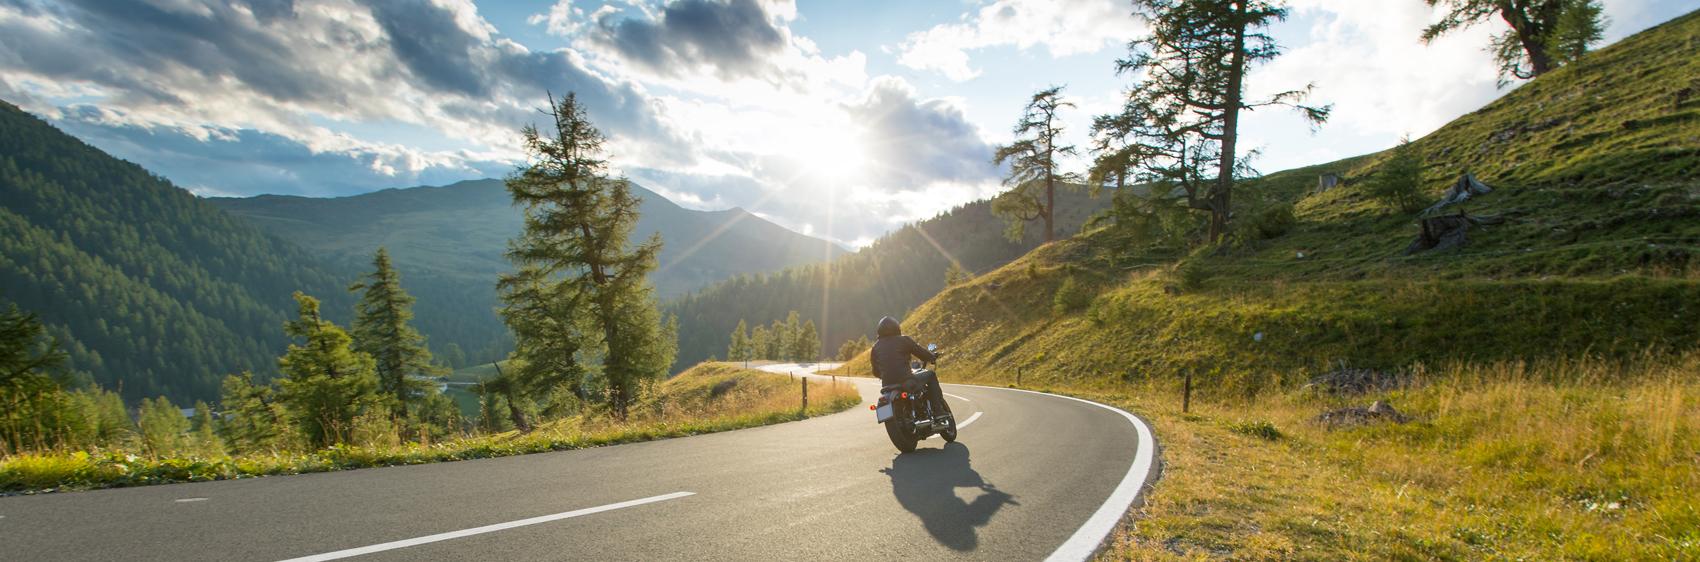 moto roulant sur route de campagne